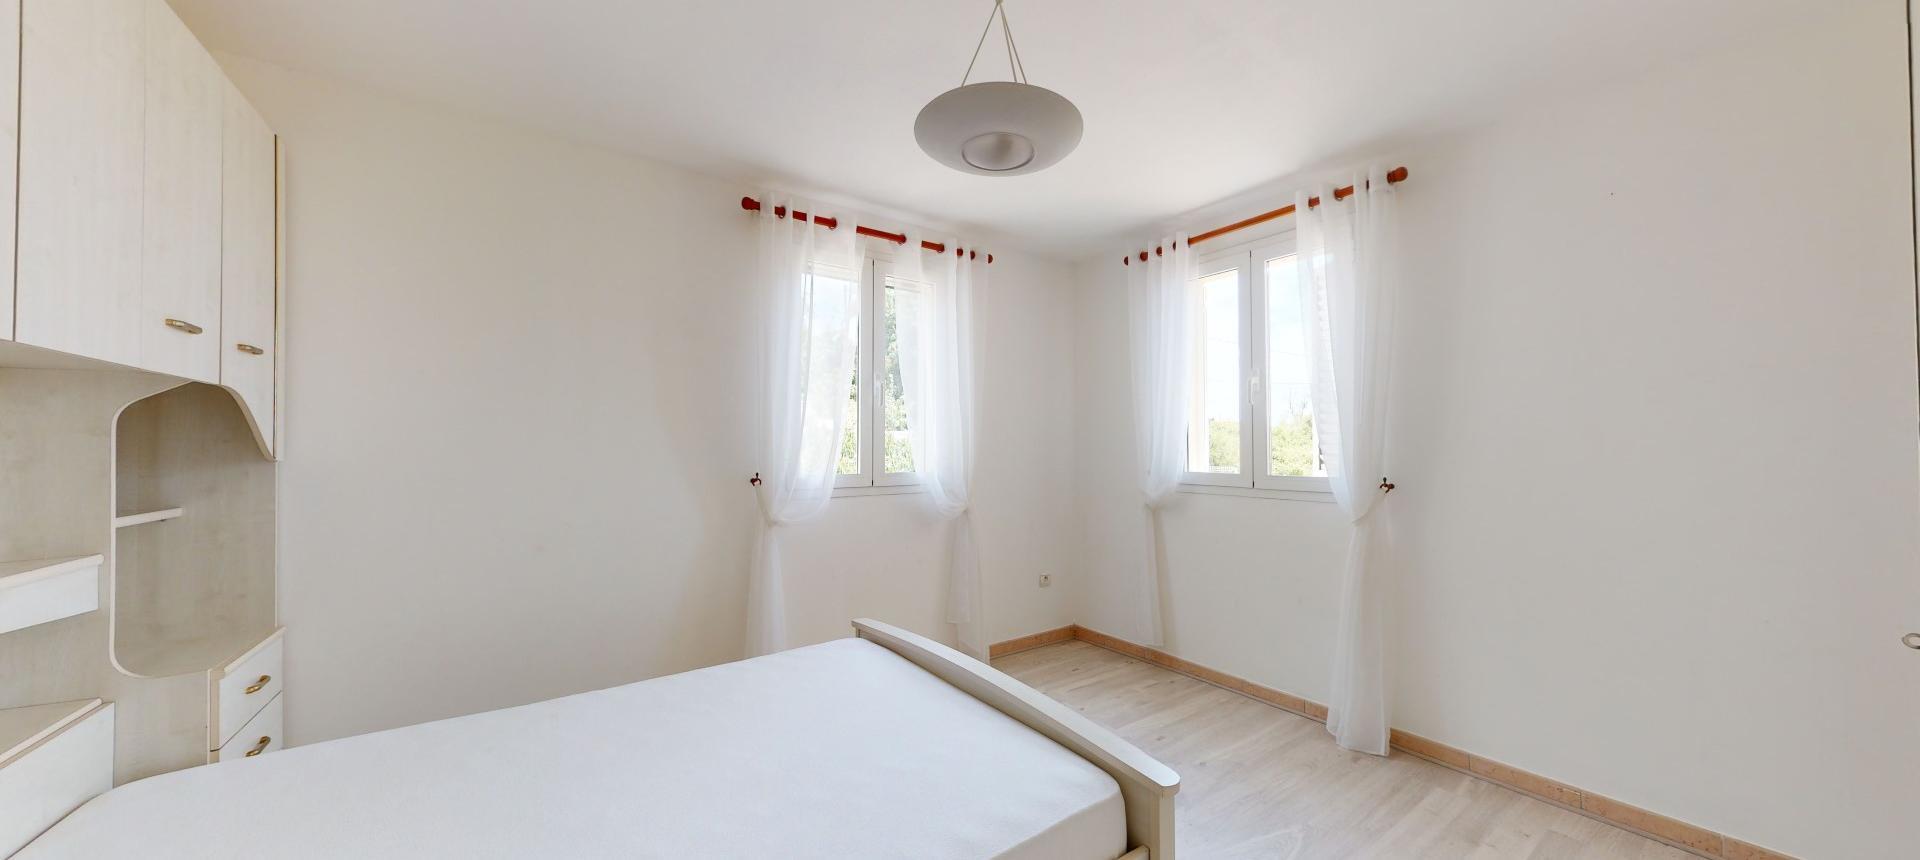 A vendre villa avec vue dégagée proche Ajaccio - AFA - CHAMBRE R+1